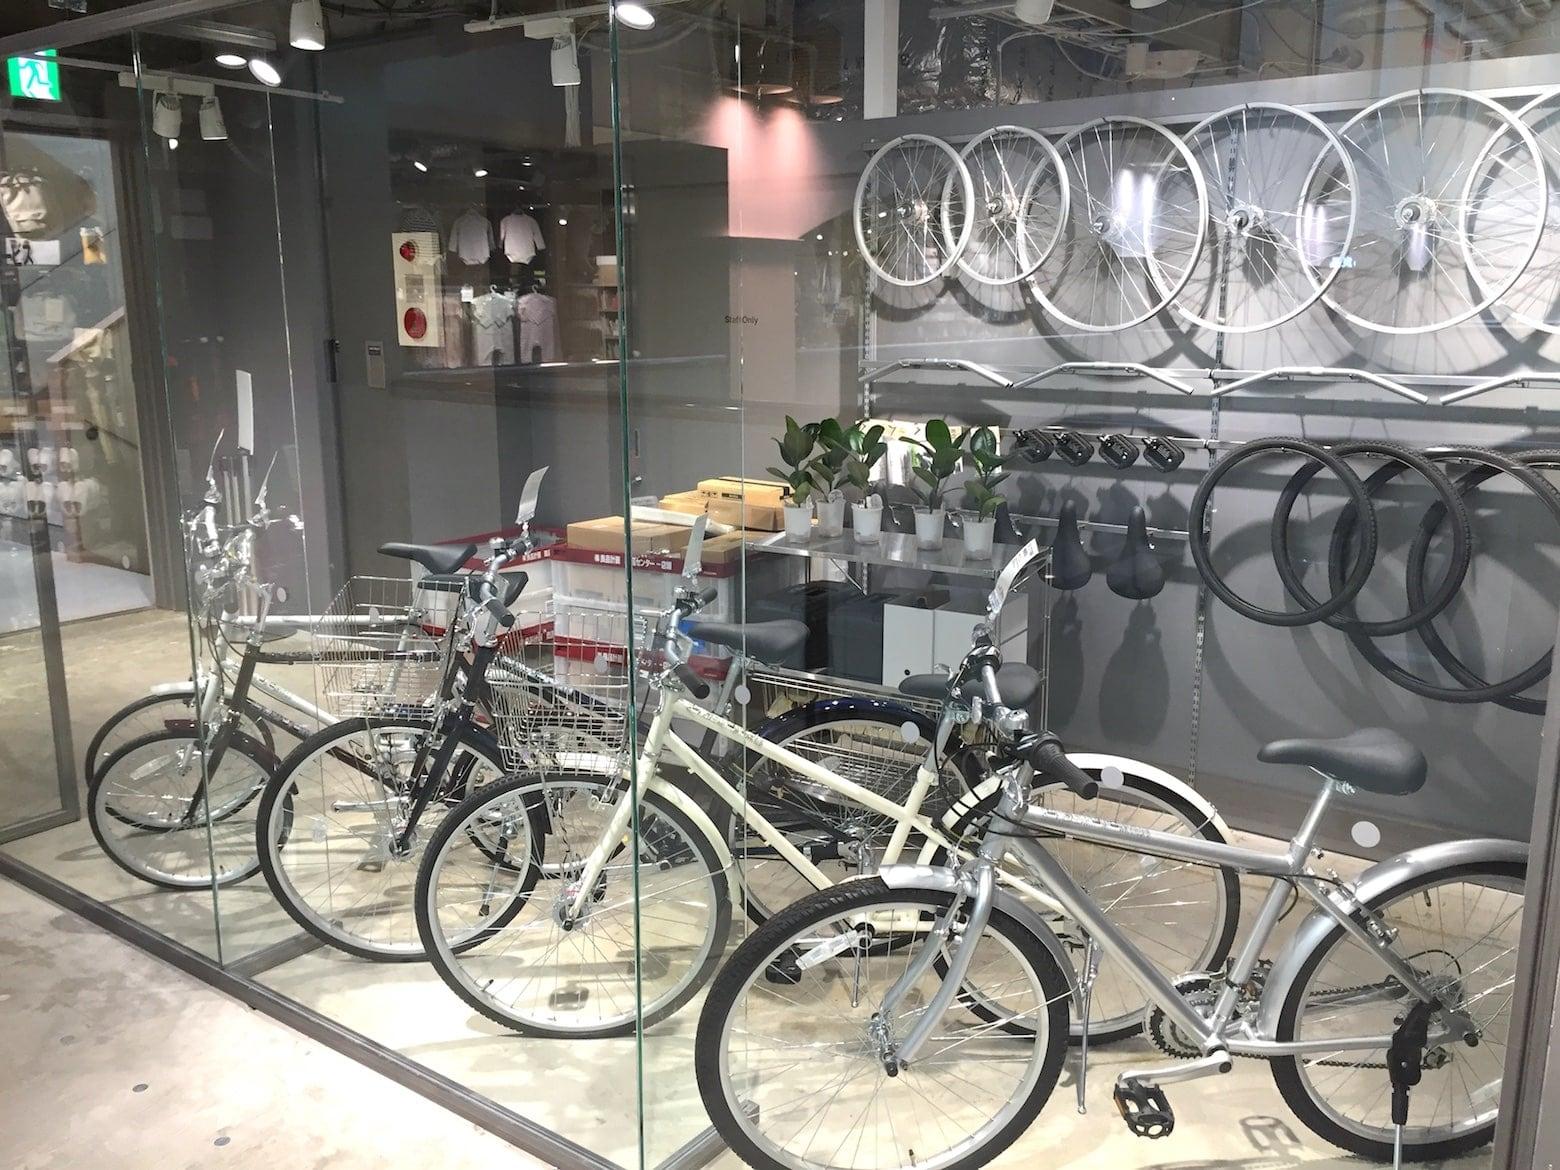 無印良品 近鉄四日市 自転車 アフターサービス